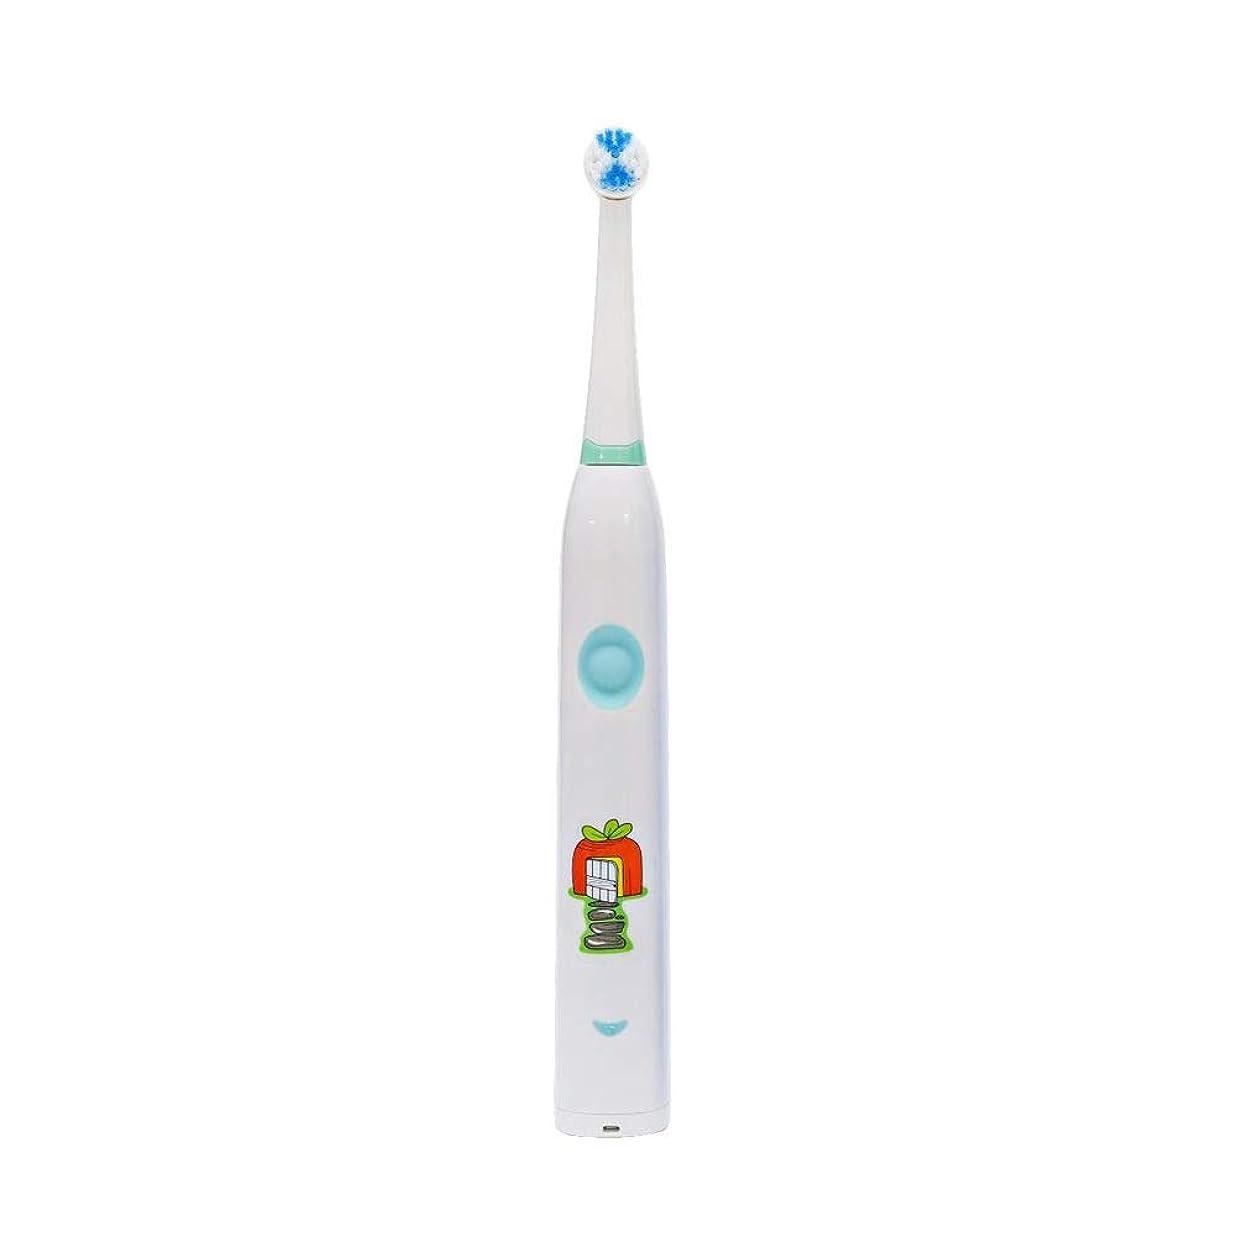 フィットネス酸化する努力する自動歯ブラシ 子供のかわいいUSB充電式電動歯ブラシ (色 : 白, サイズ : Free size)